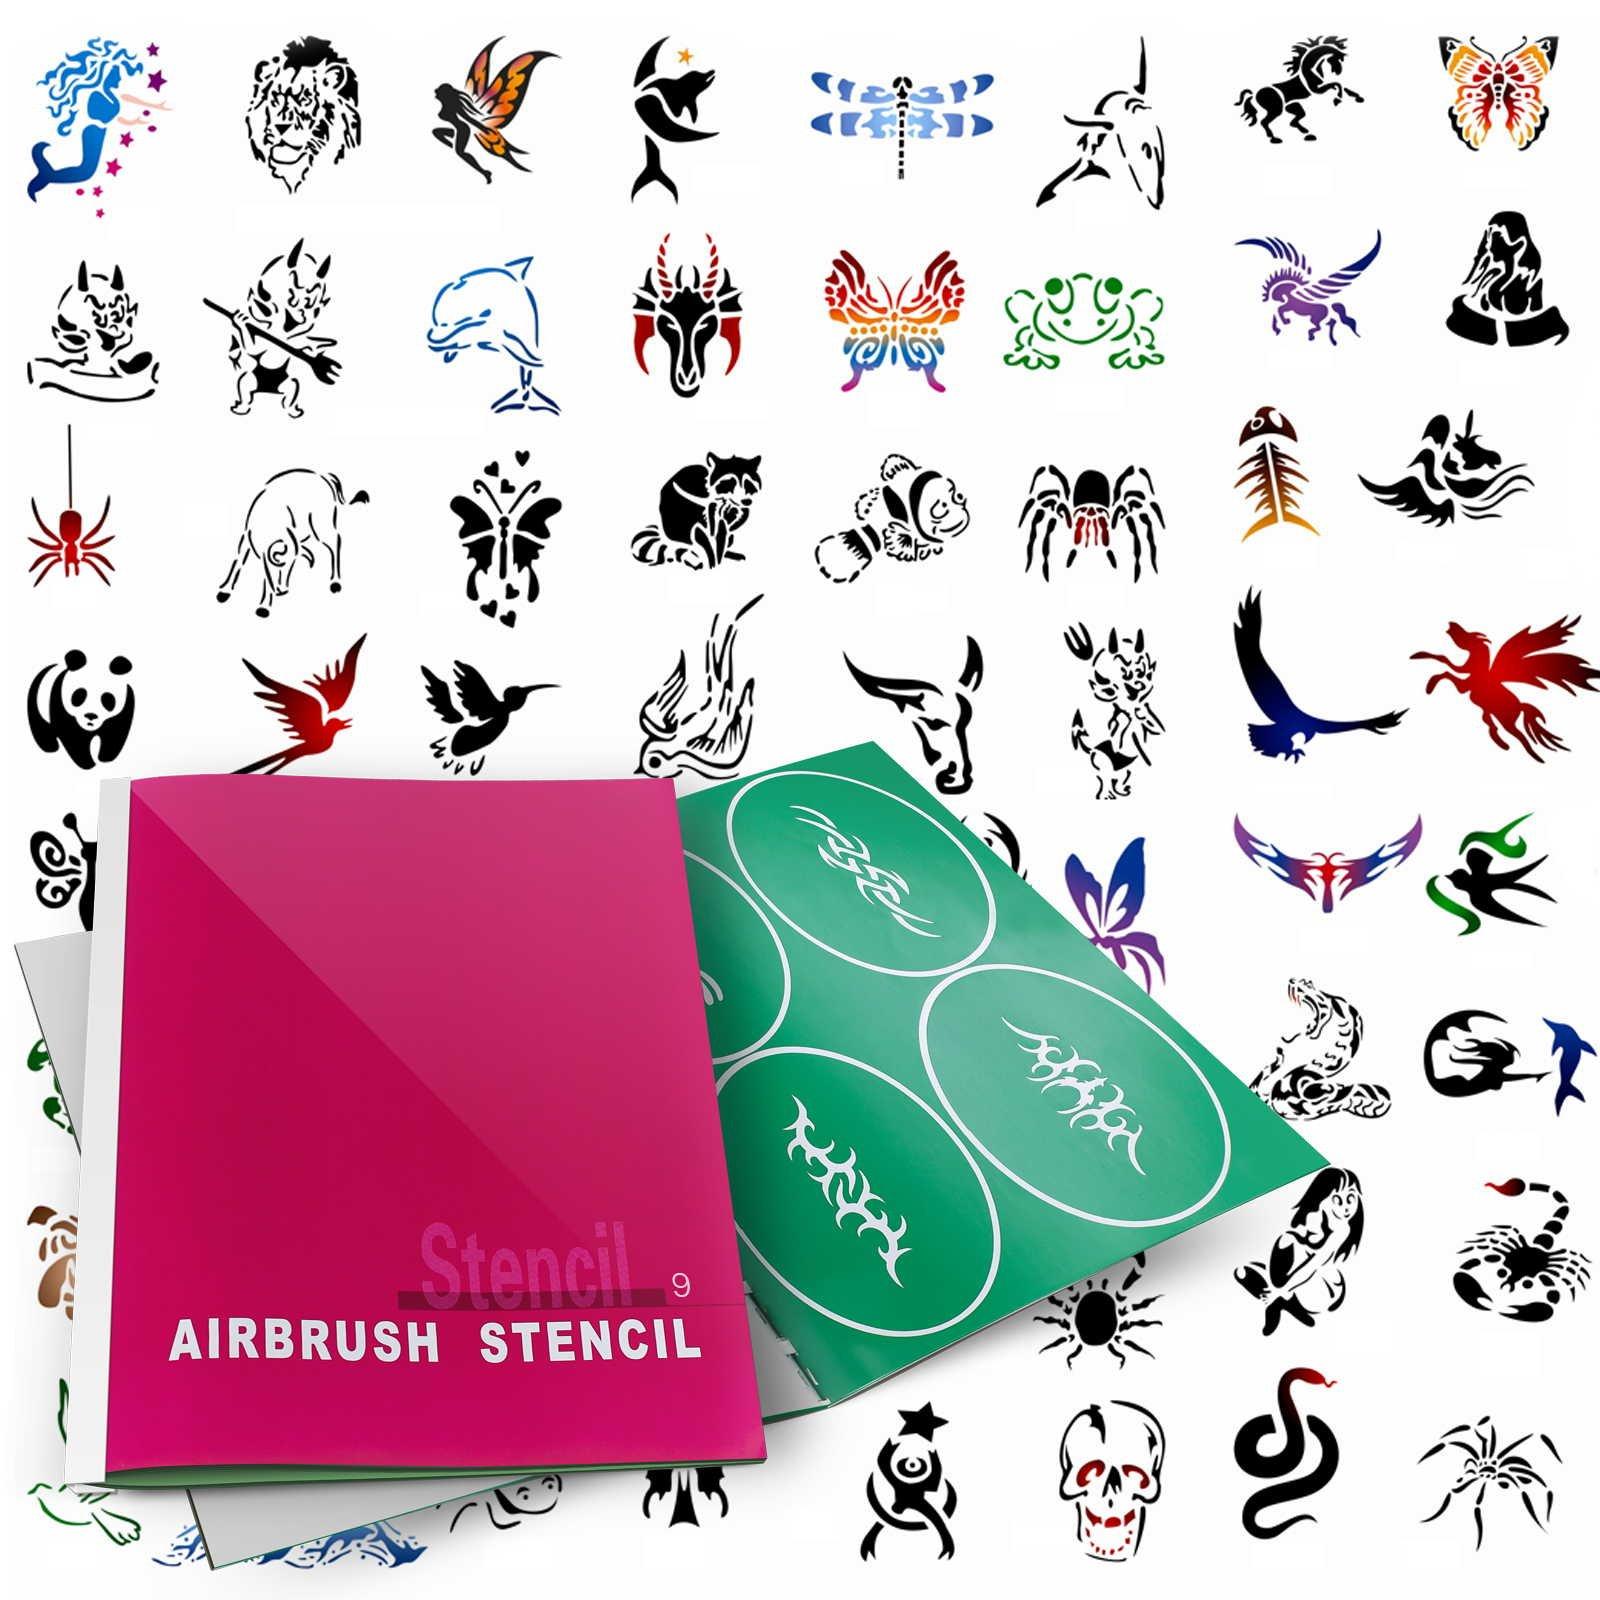 PointZero Temporary Tattoo Airbrush Stencils 100 Designs - Book 9  by Point Zero